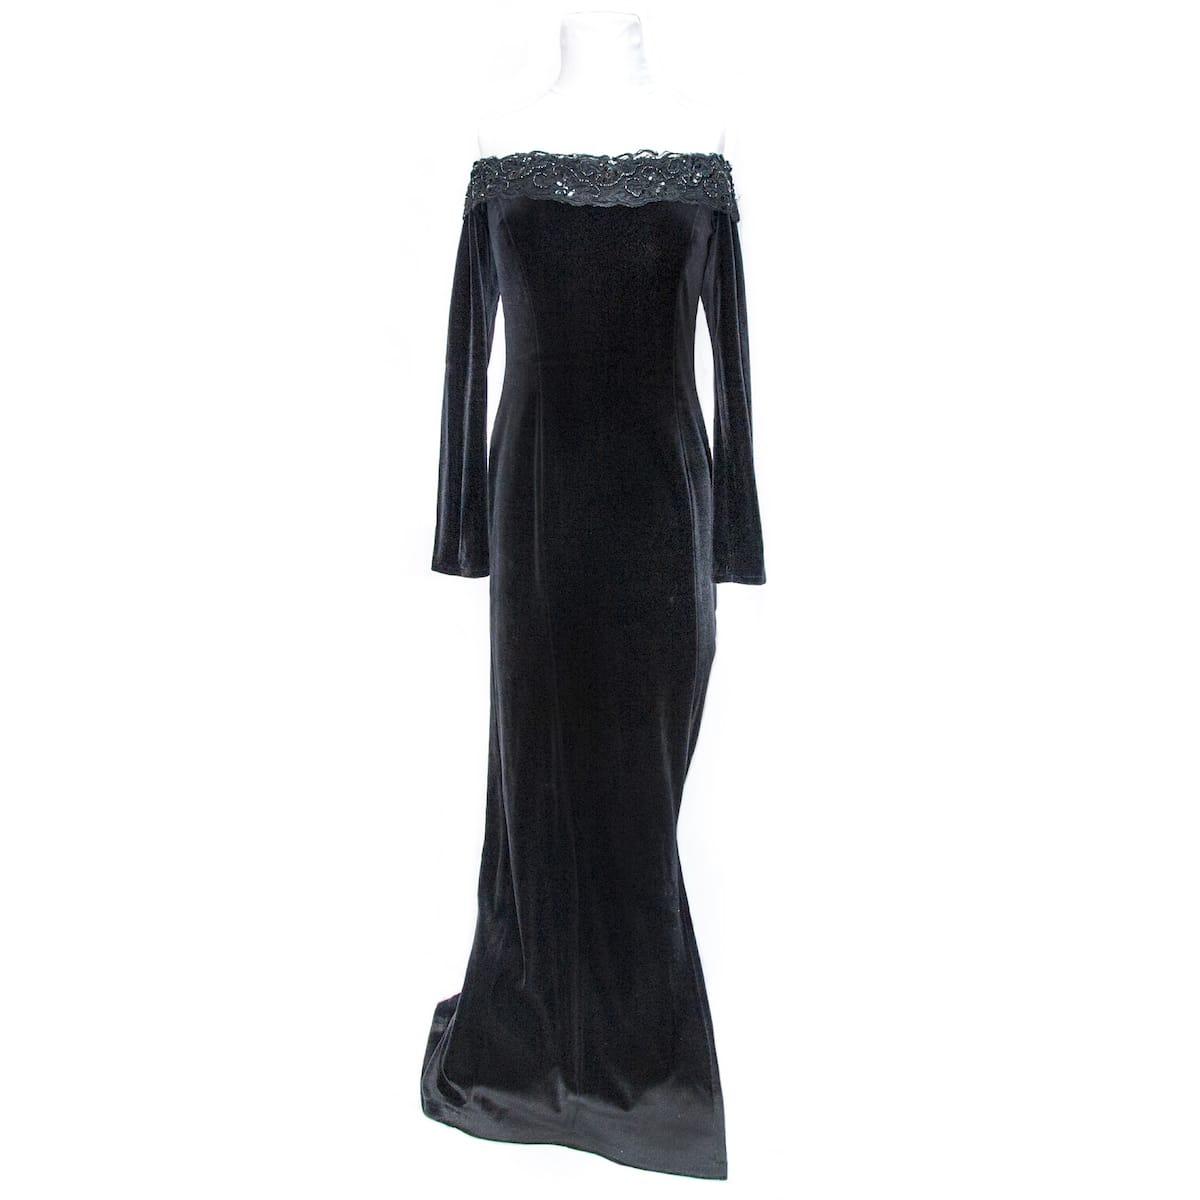 270d8e22bfd4d Consortium 1980s Black Evening Gown